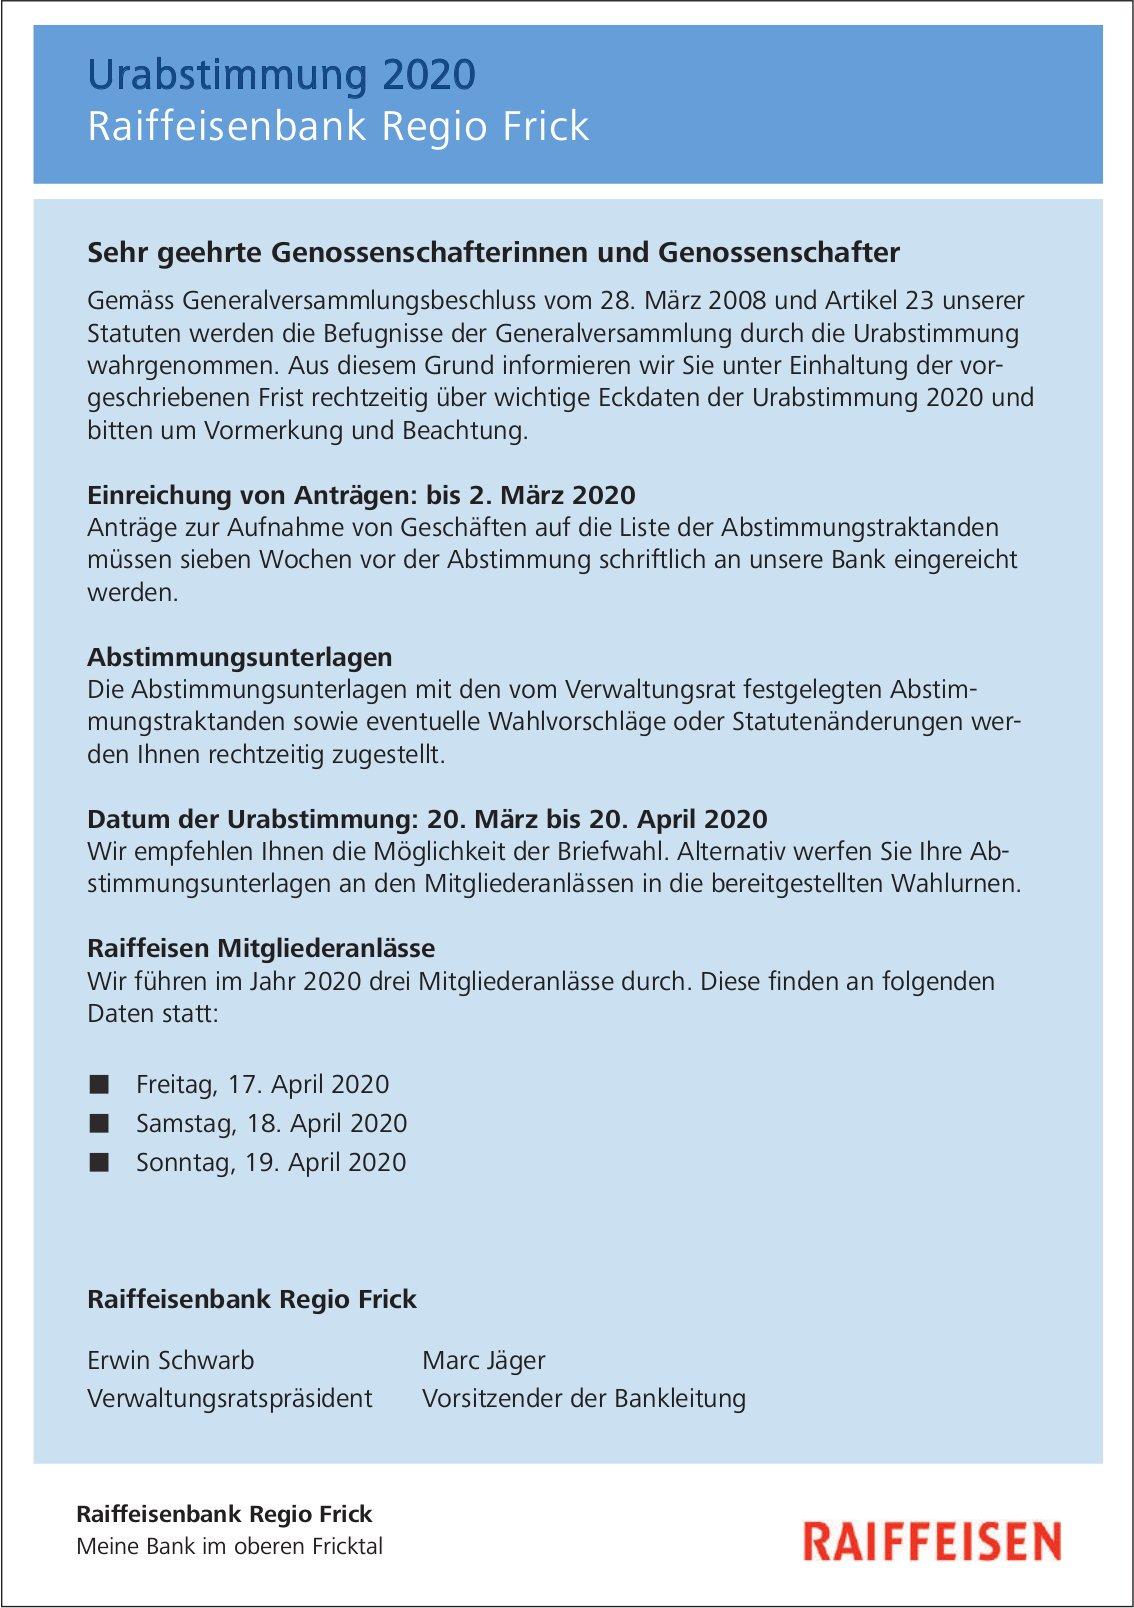 Raiffeisenbank Regio Frick - Urabstimmung 2020, 20. März bis 20. April